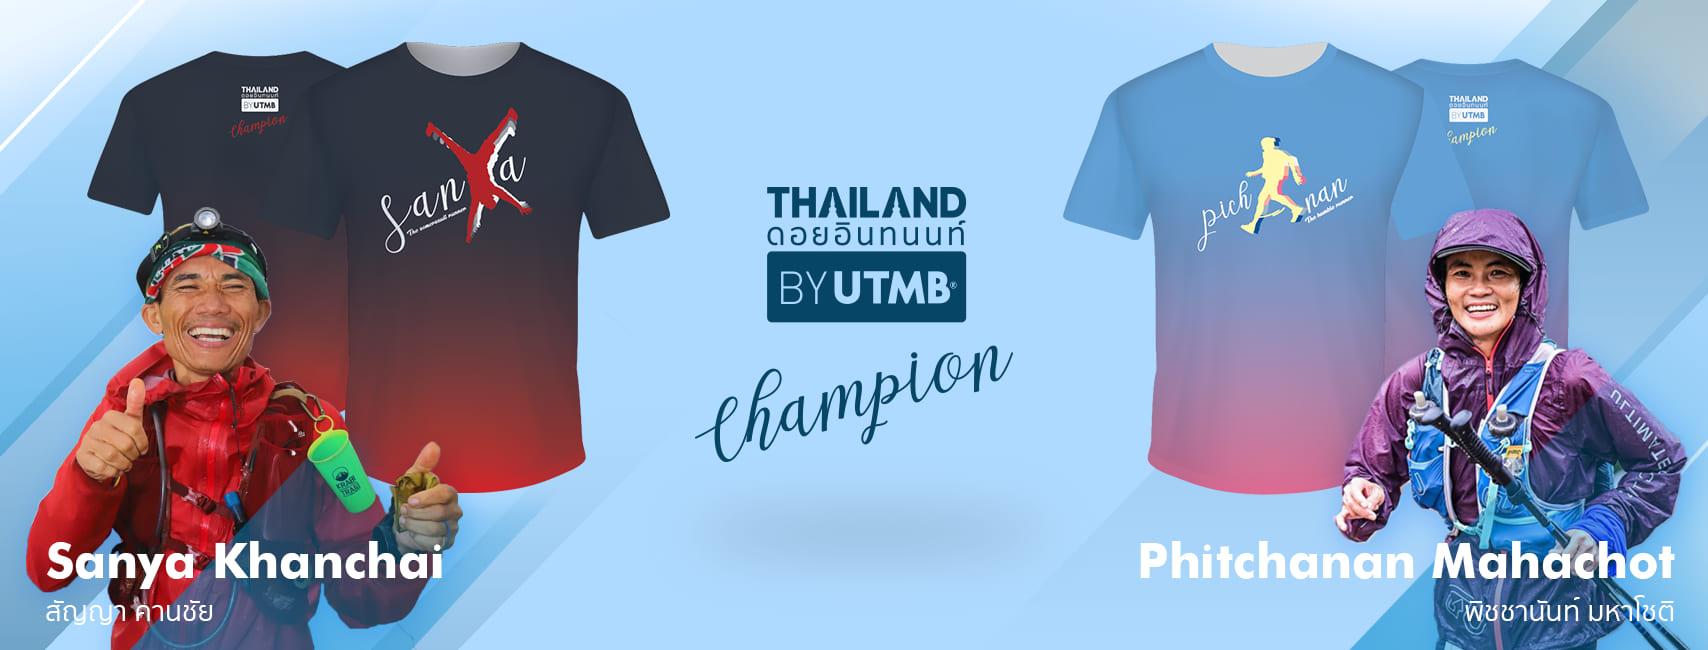 TUTMB CHAMPION 2020